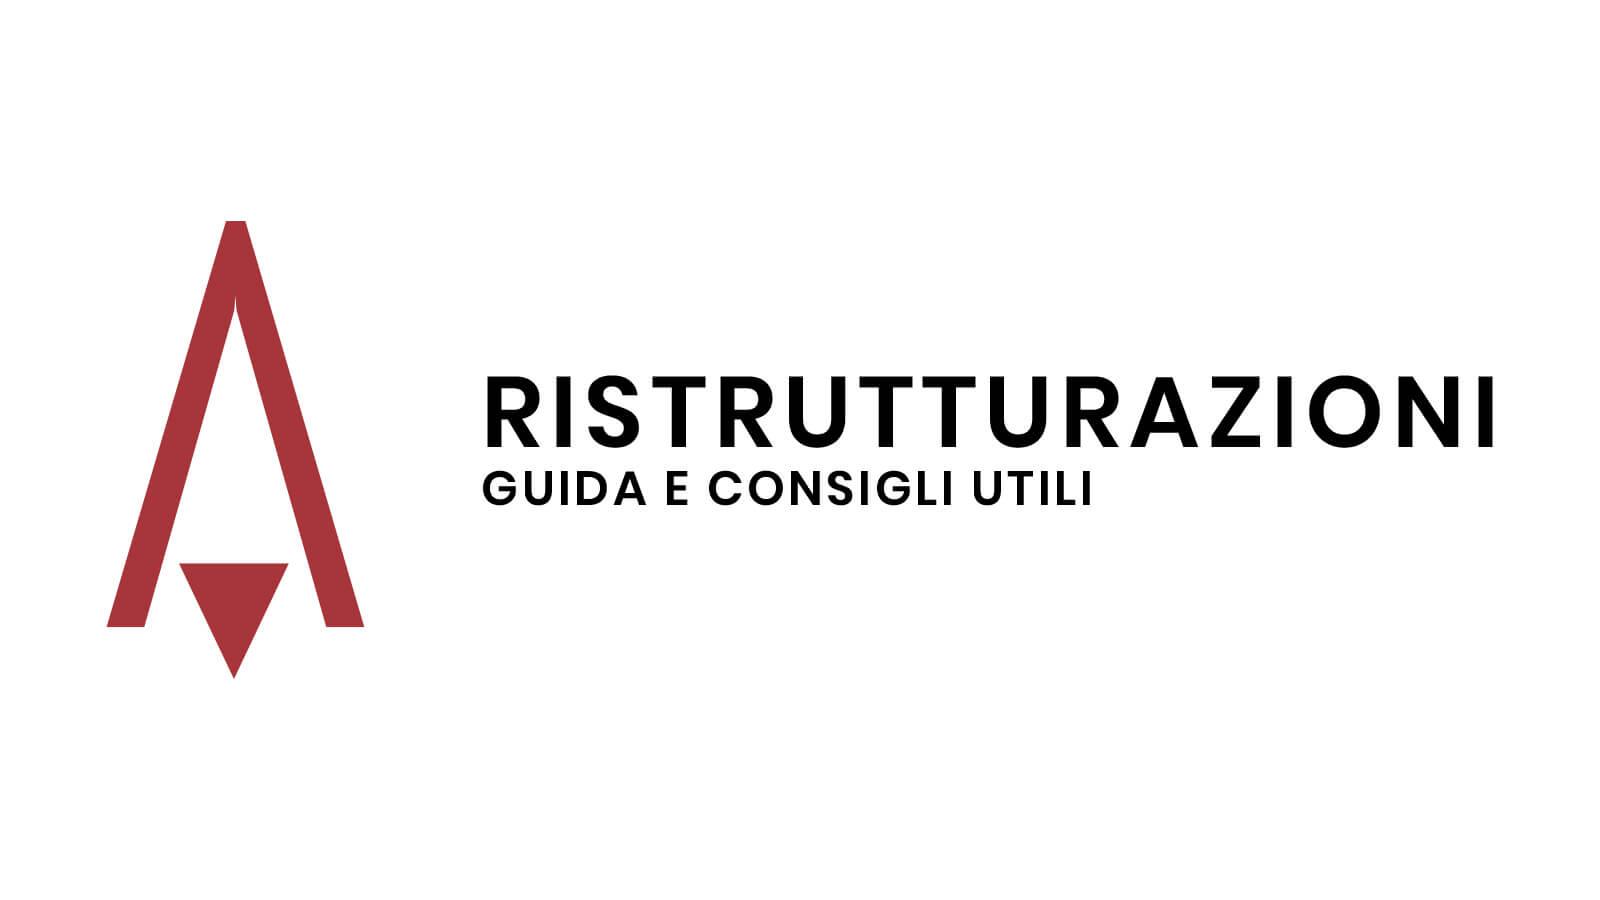 ristrutturazioni-guida-e-consigli-utili